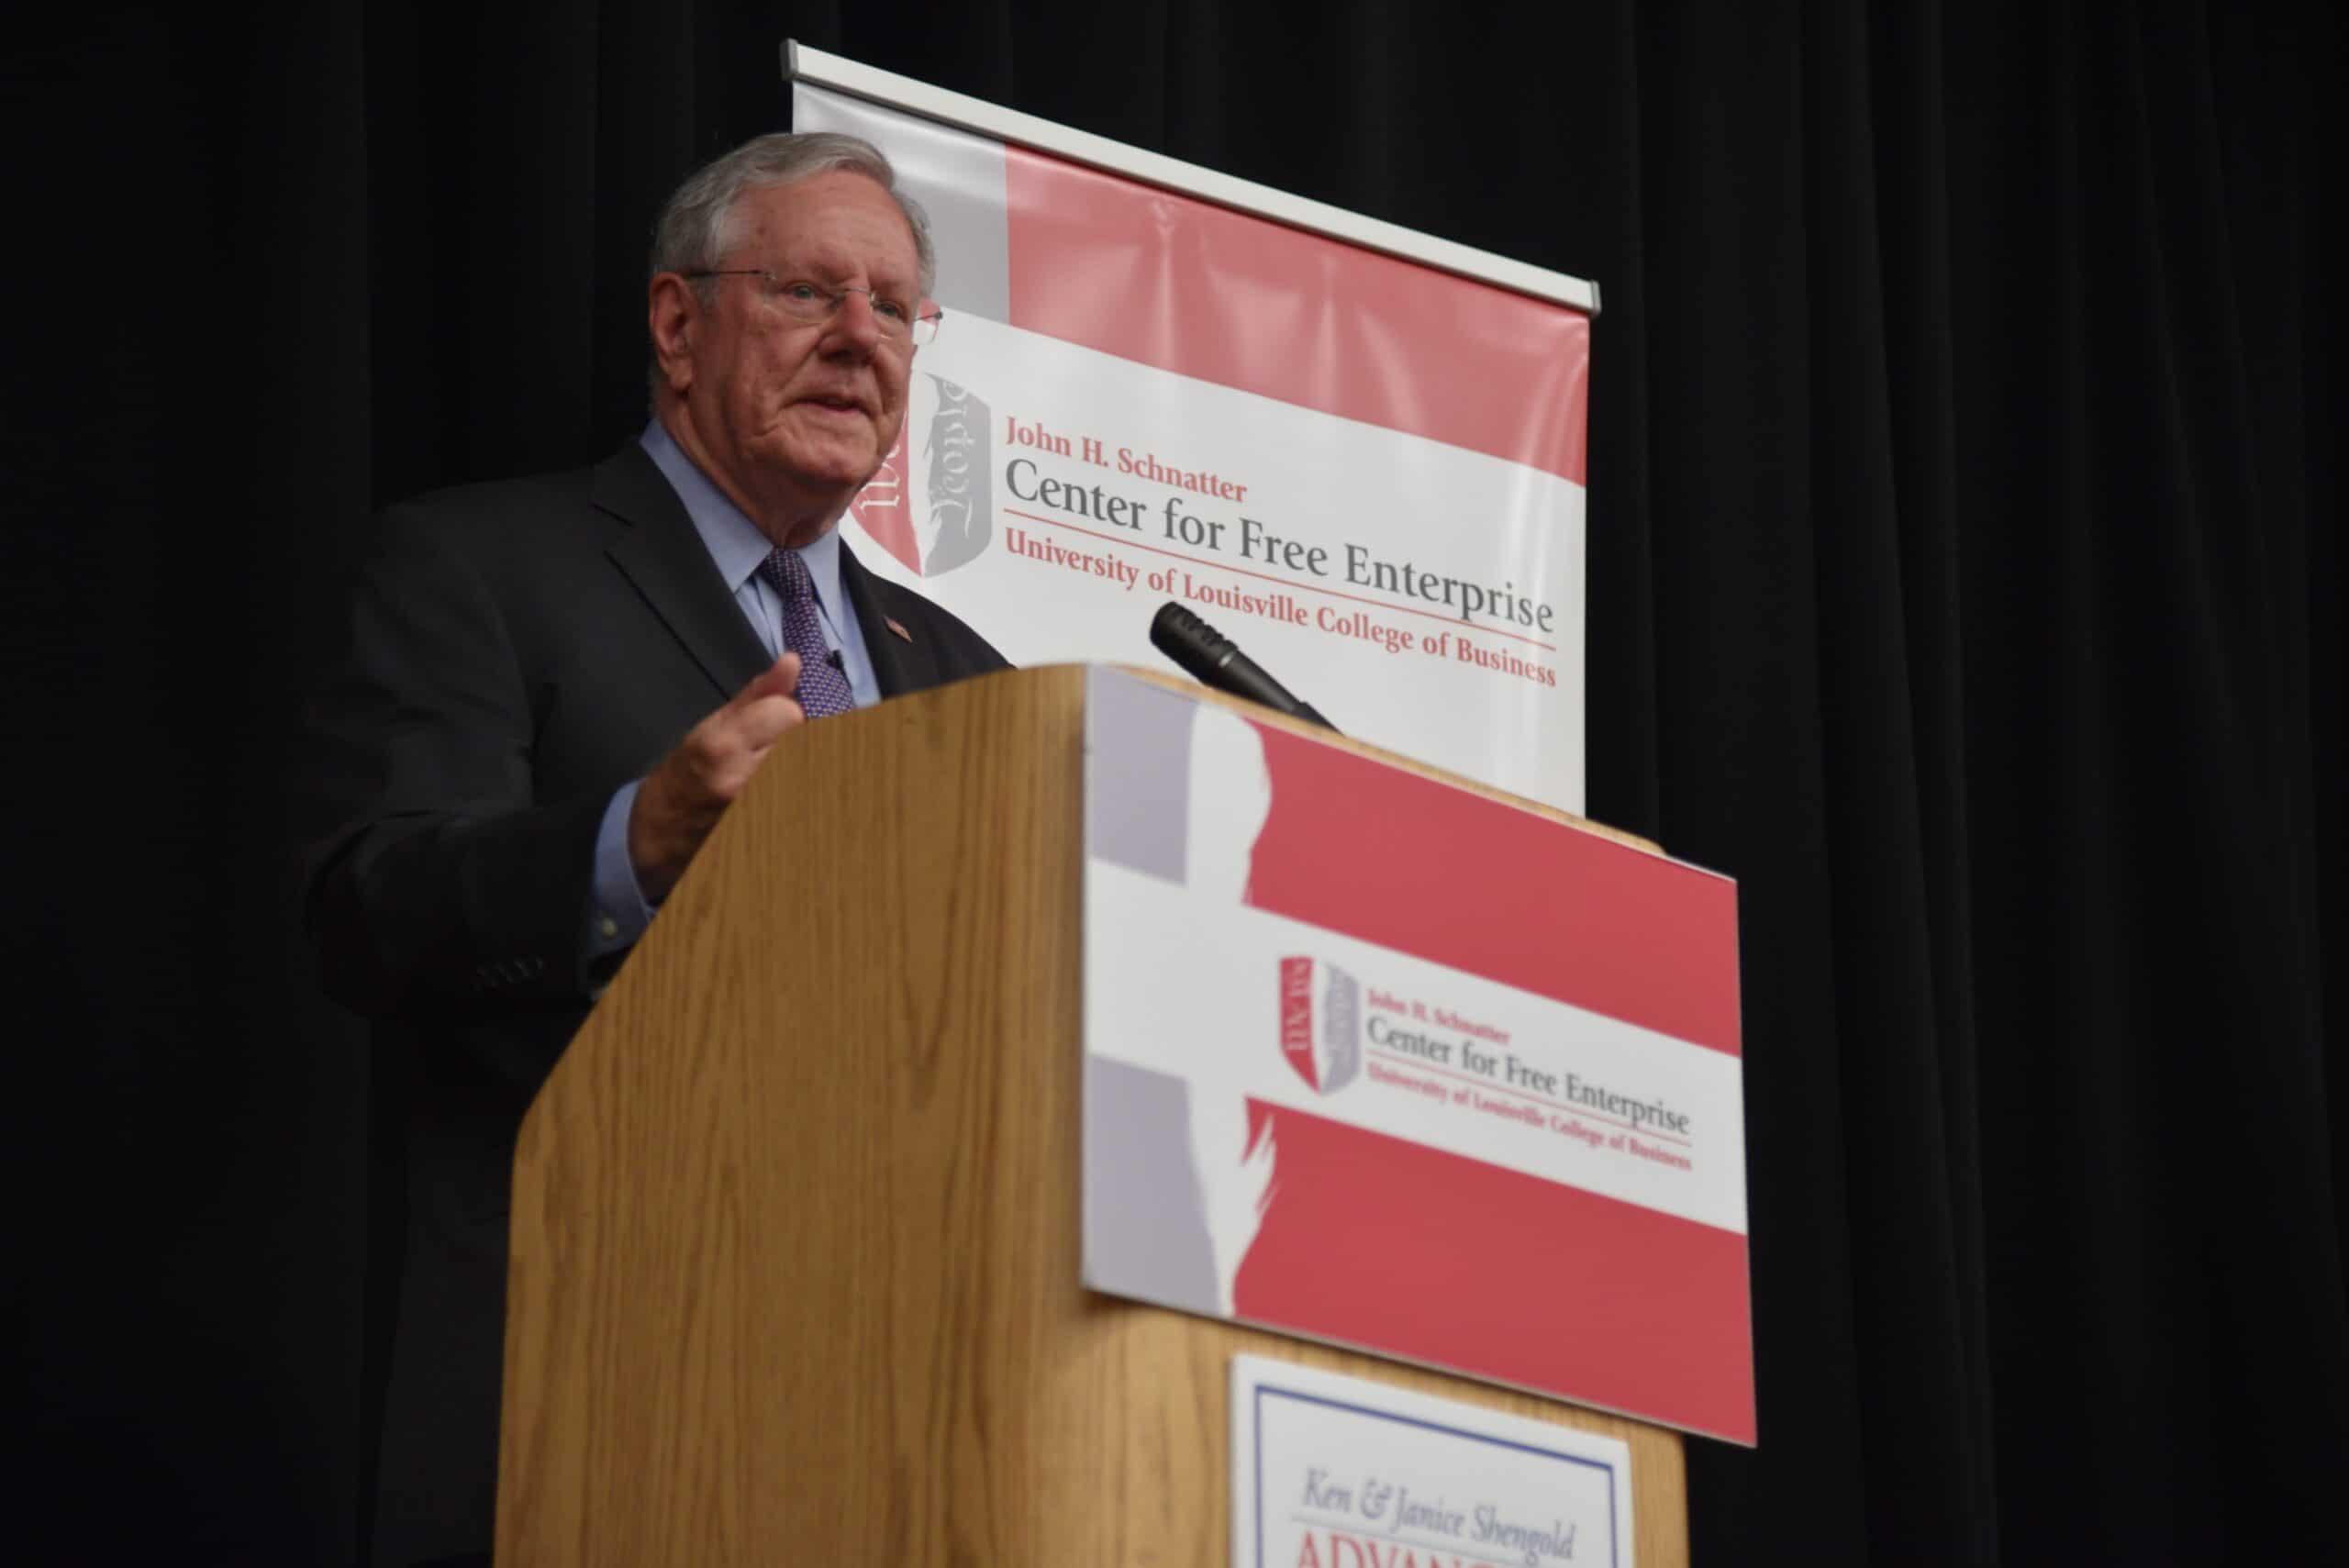 Steve Forbes, John Schnatter Center for Free Enterprise